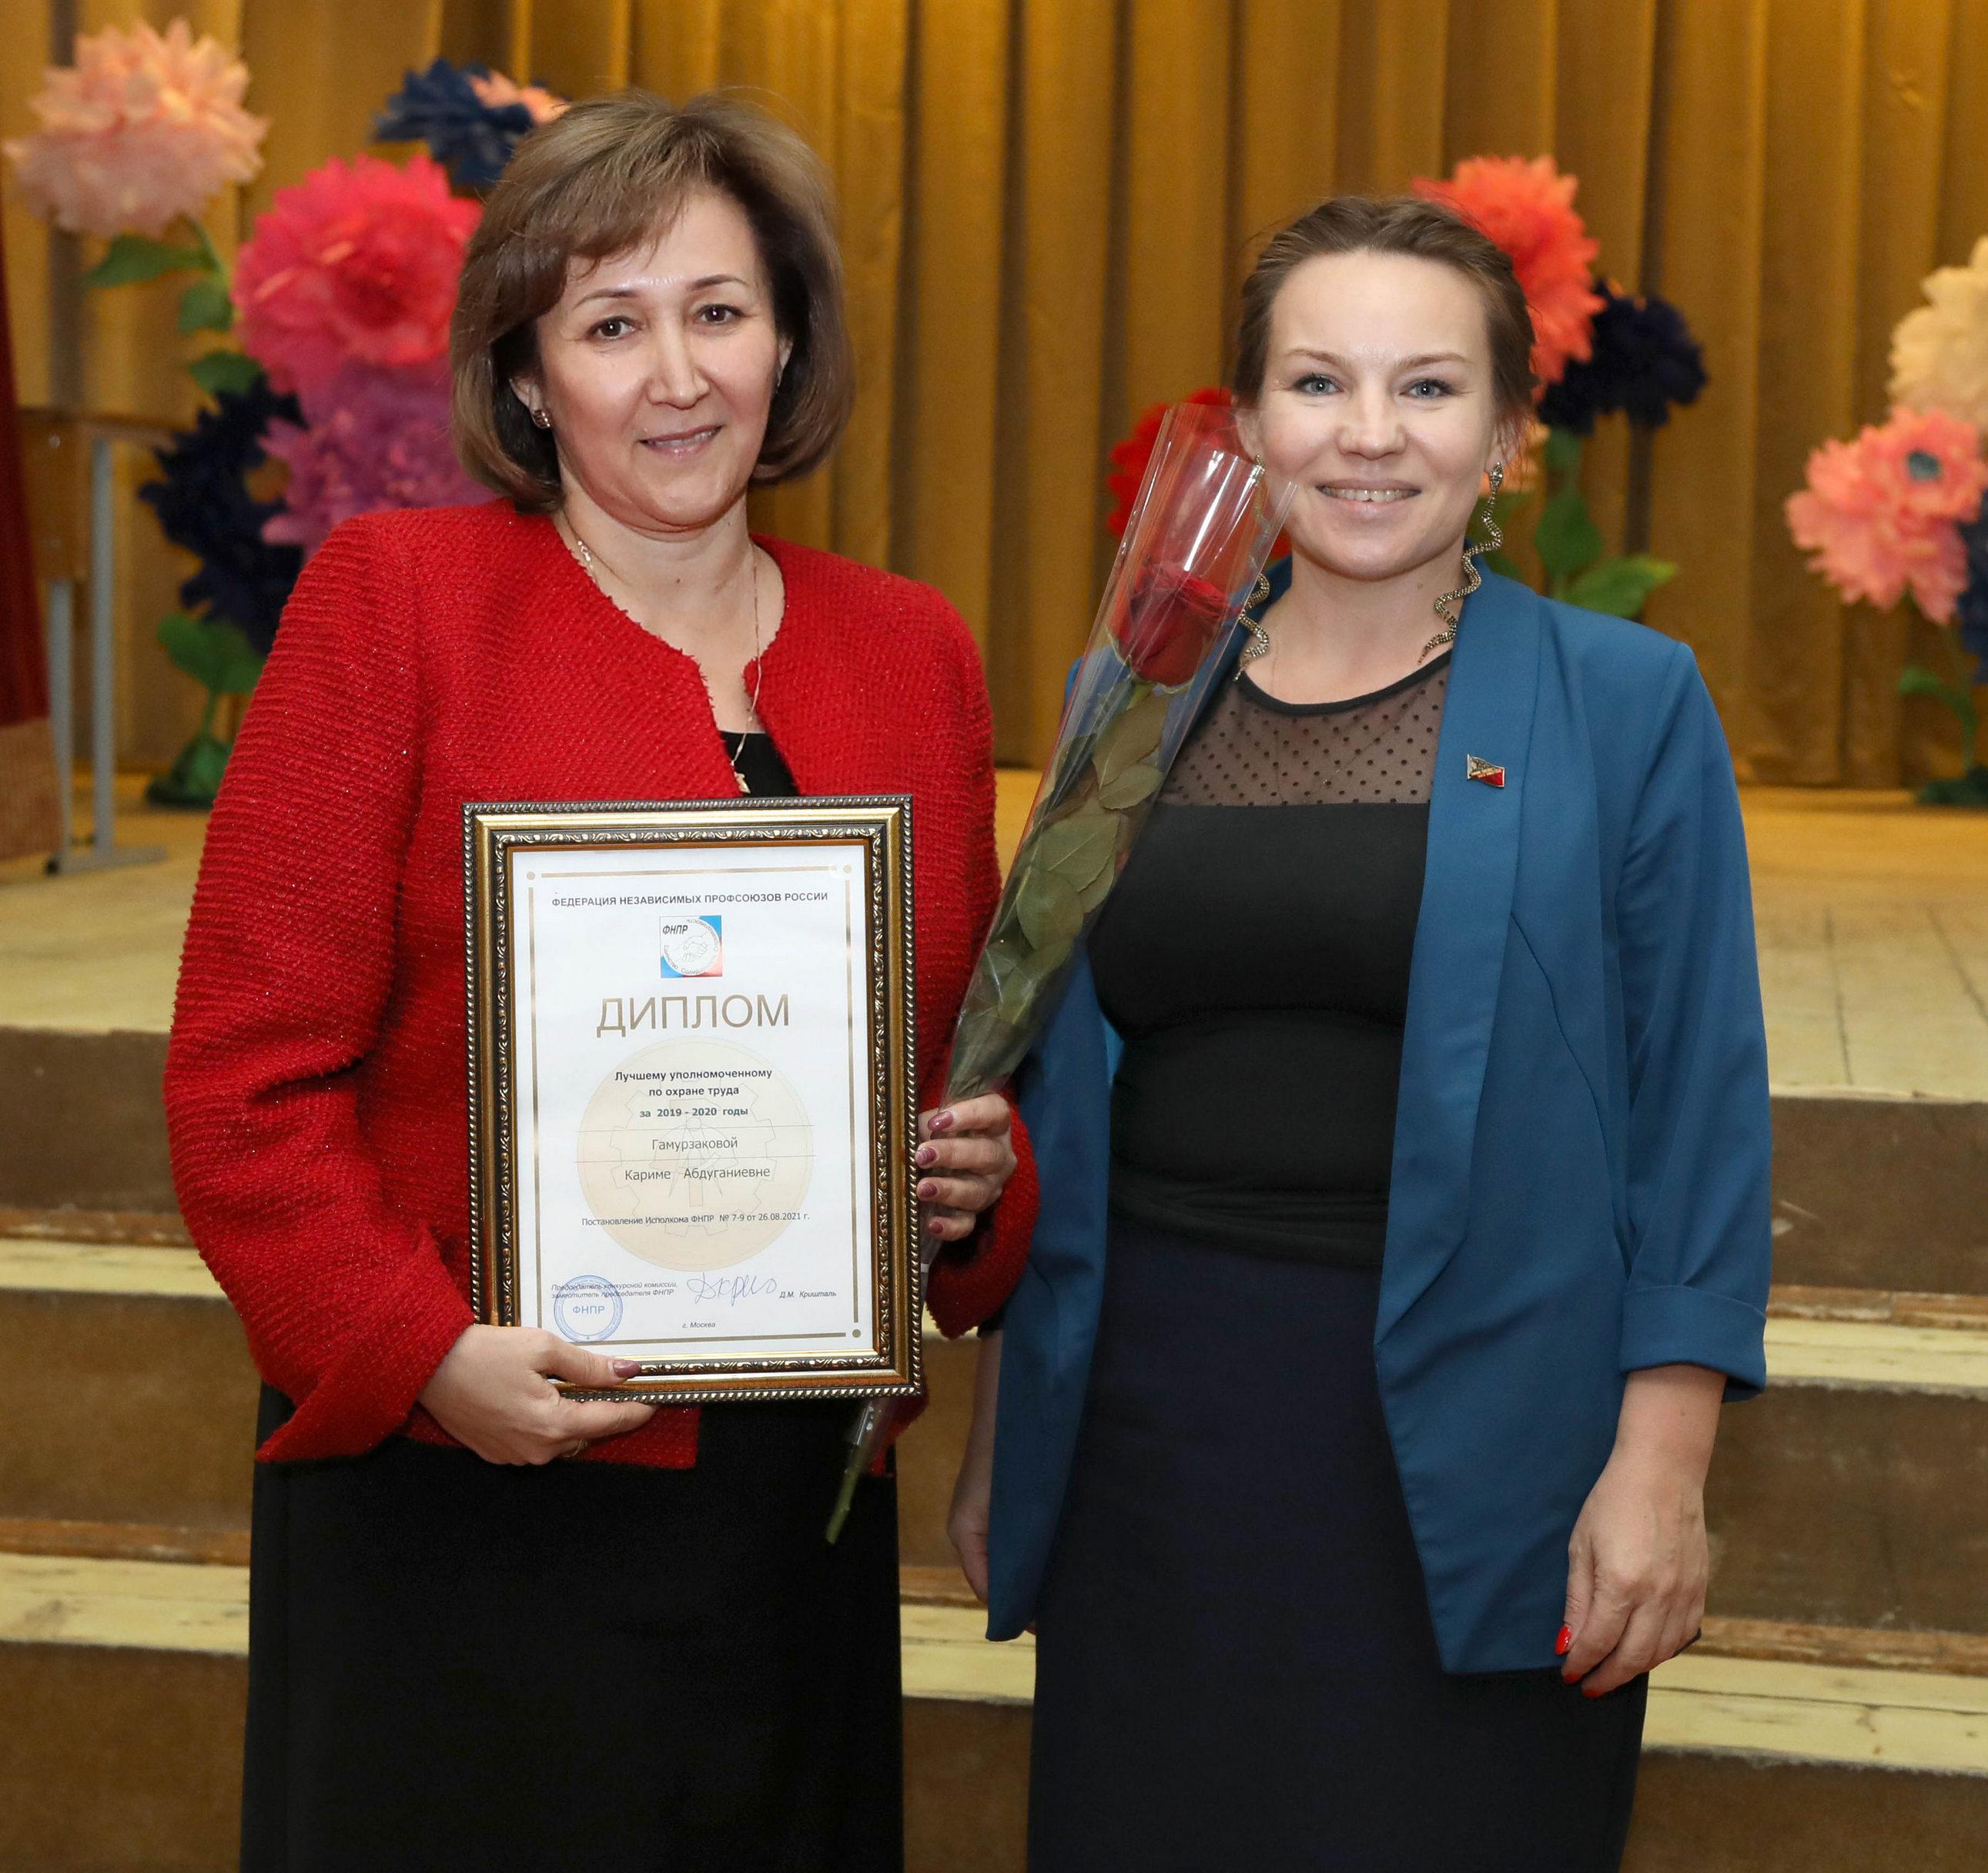 Кариме Гамурзаковой присвоено звание «Лучший уполномоченный по охране труда ФНПР за 2019-2020 года»